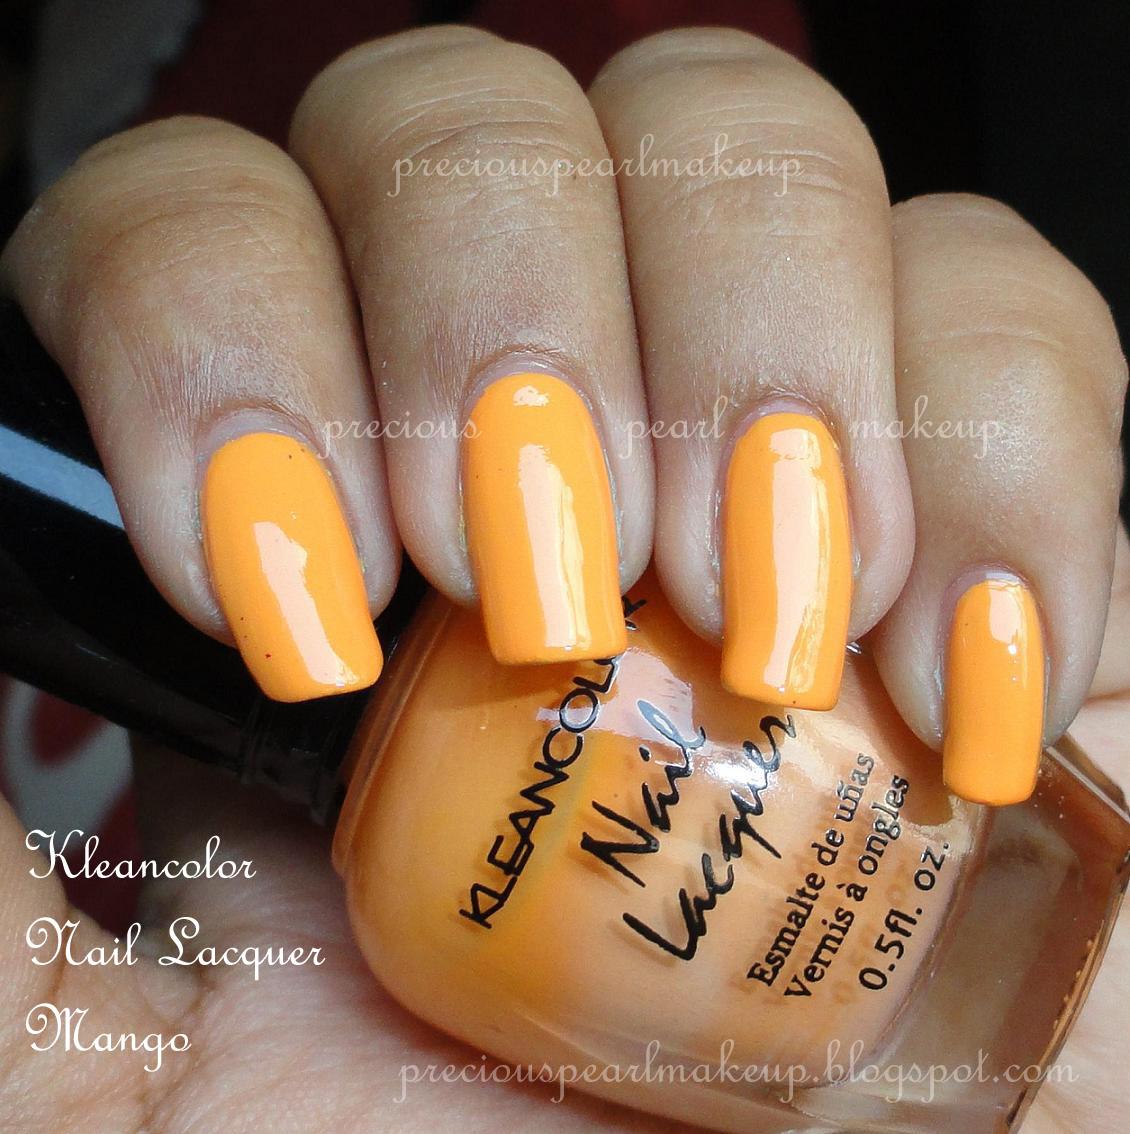 preciouspearlmakeup: Kleancolor Nail Lacquer Mango